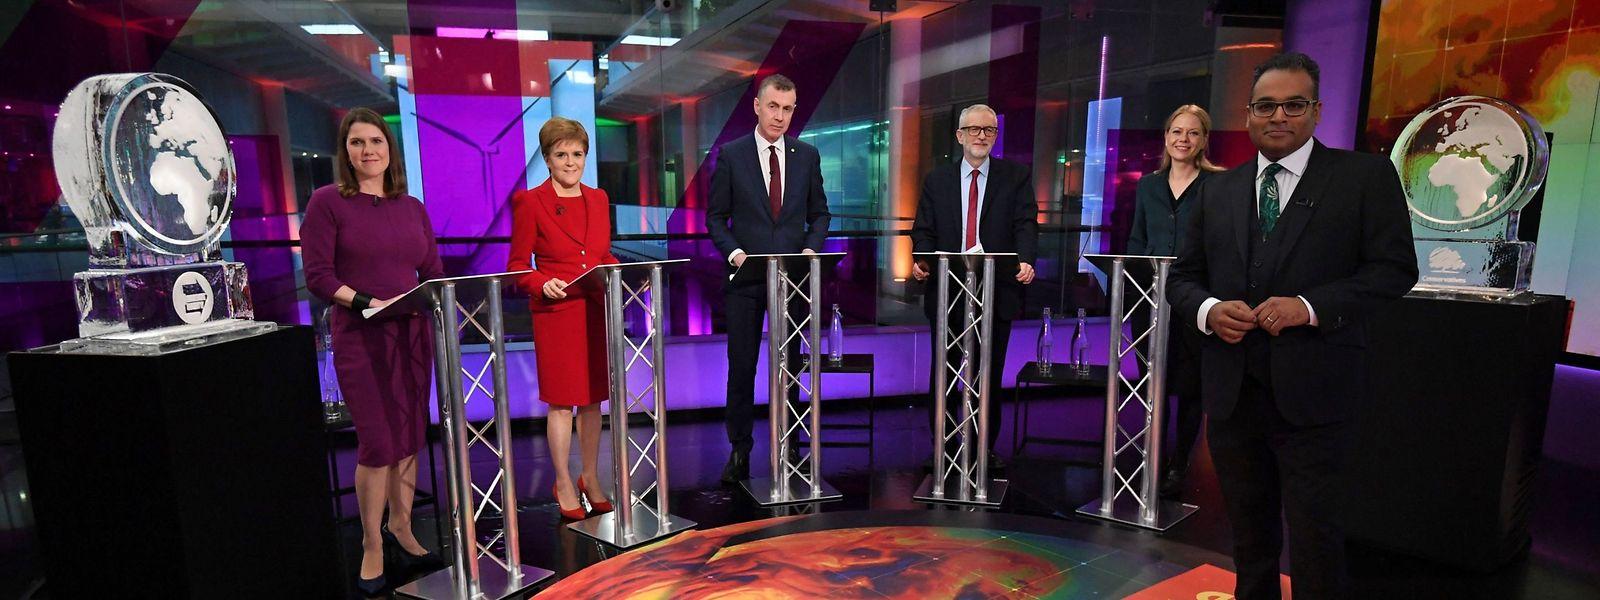 """Zwei Eisskulpturen in Form der Erdkugel ersetzten die fehlenden Parteichefs Boris Johnson und Nigel Farage in der """"Channel 4""""-Debatte."""